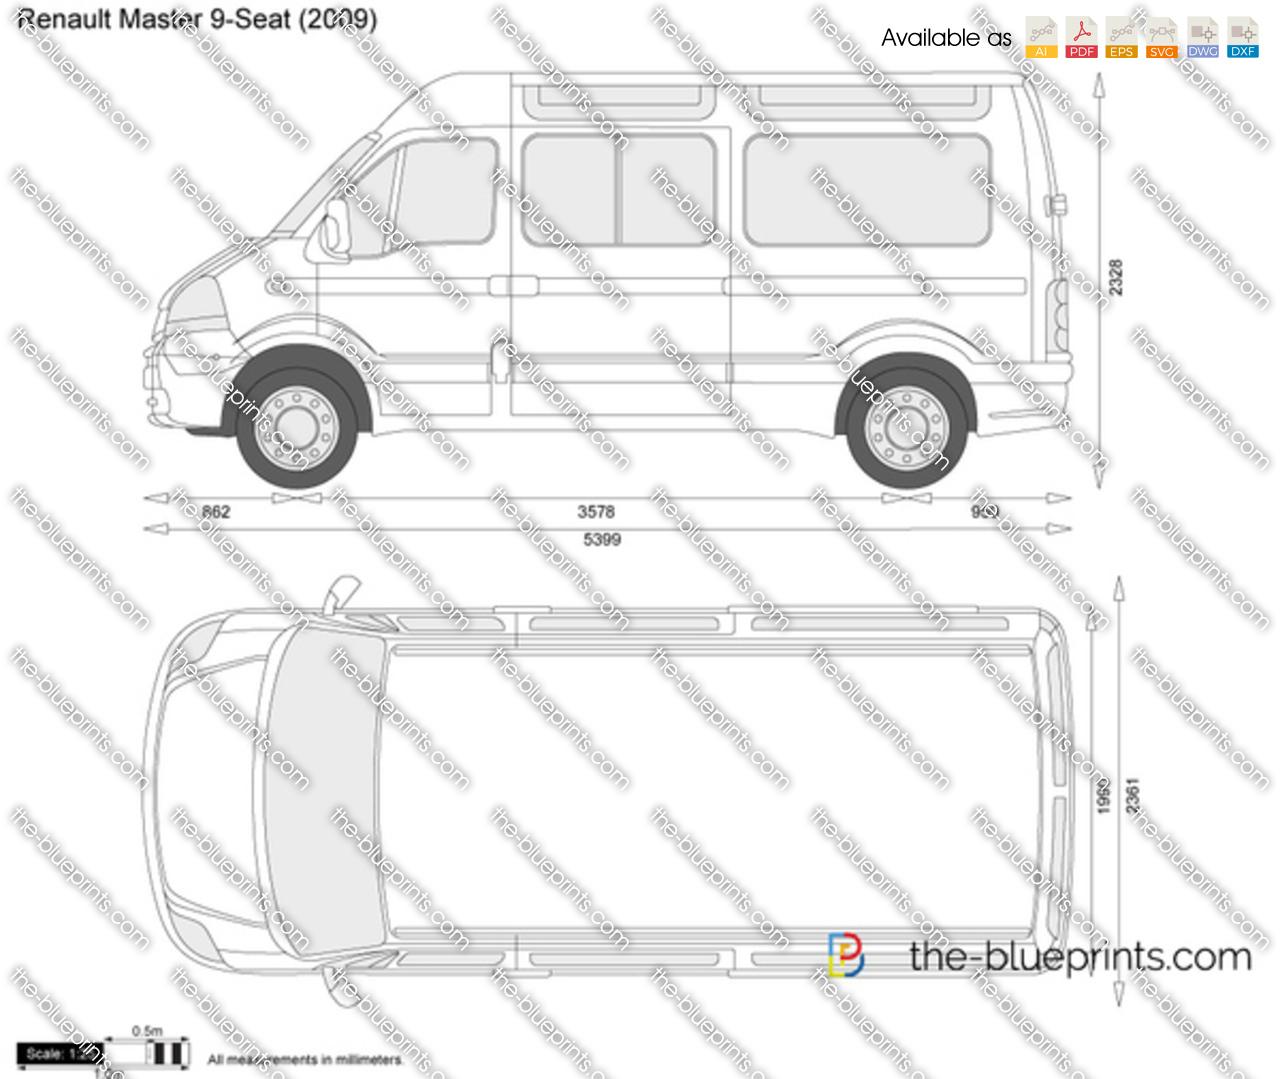 Renault Master 9-Seat 2010